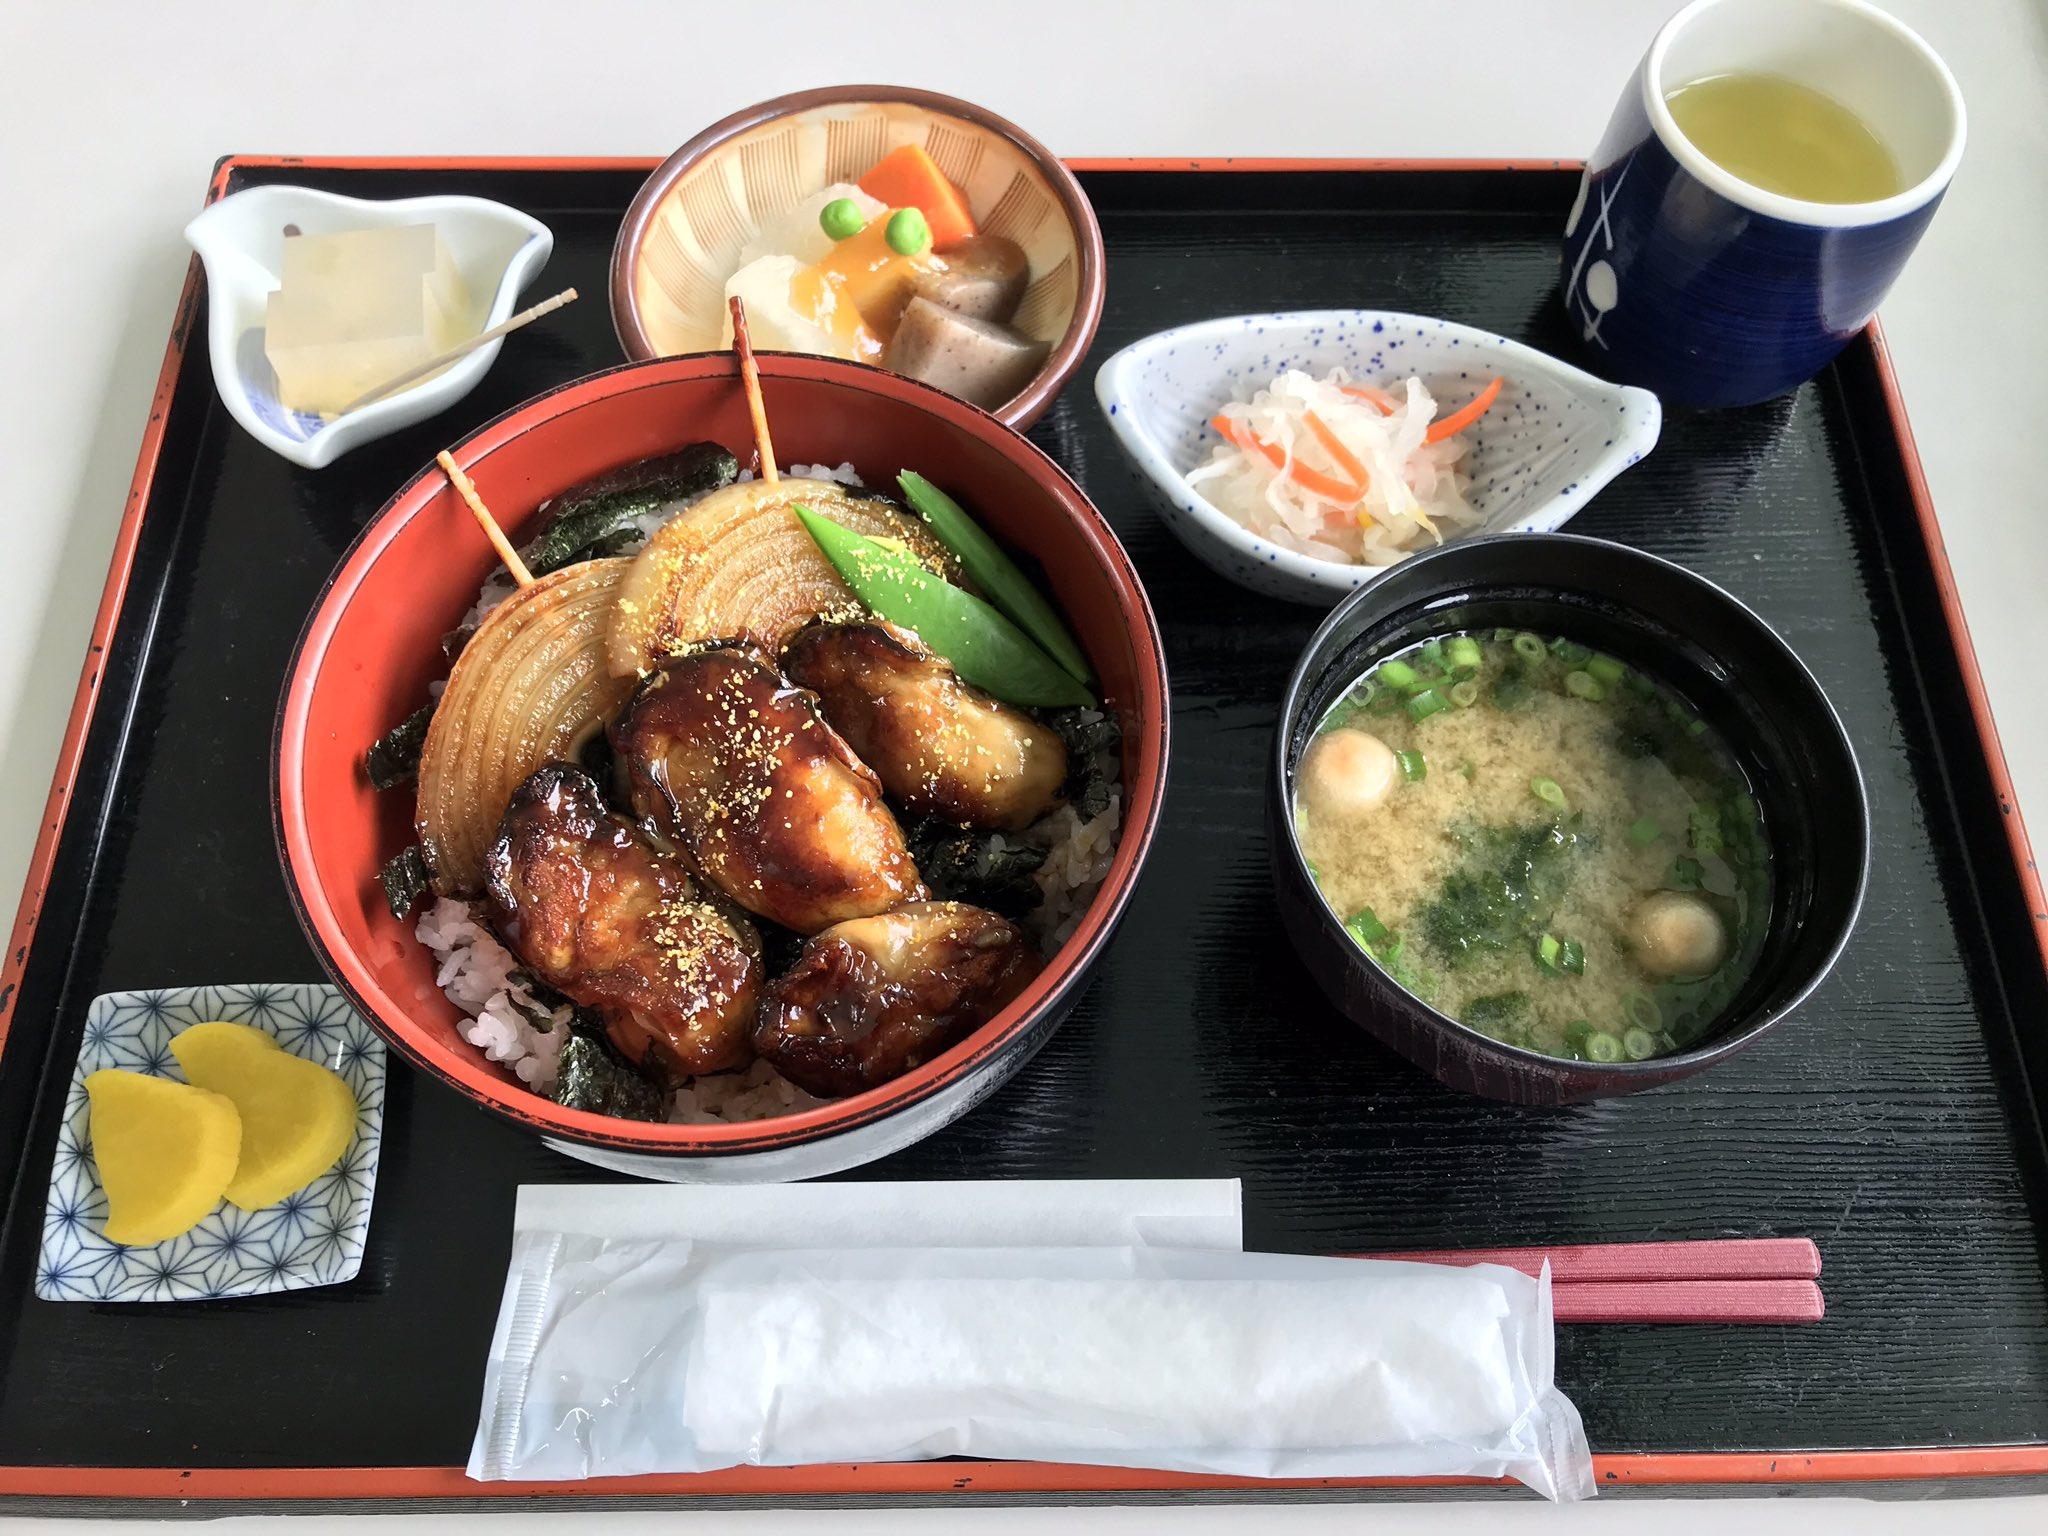 อาหาร ชิซูโอกะ : คากิคาบะด้ง (Kaki-Kaba Don)